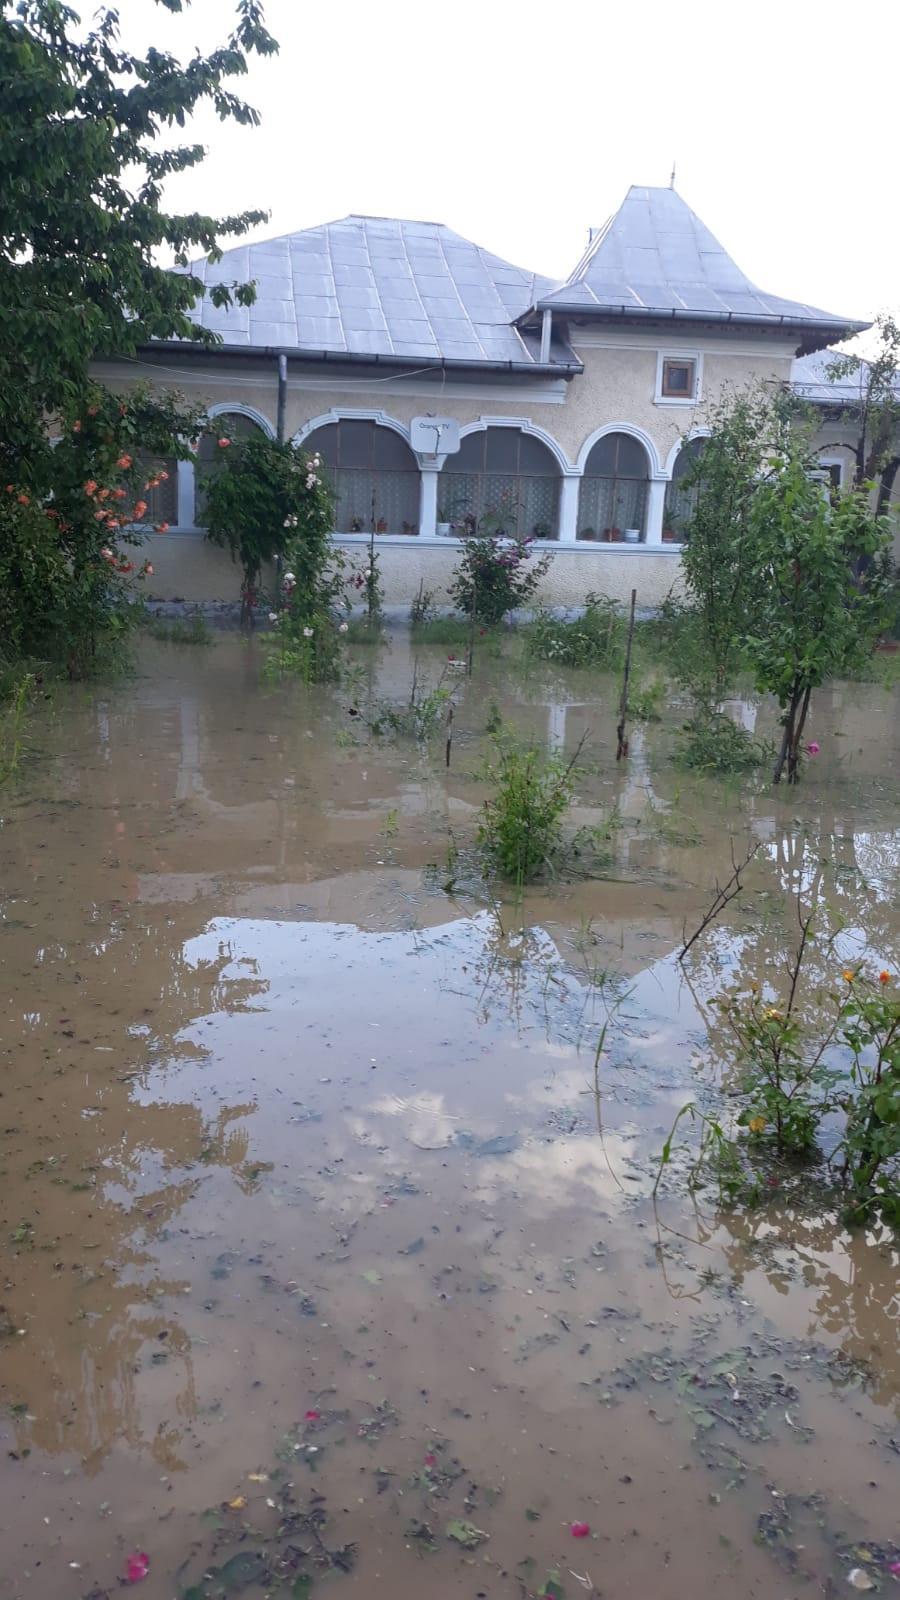 Inundaţii în zona de sud a judeţului Dâmboviţa